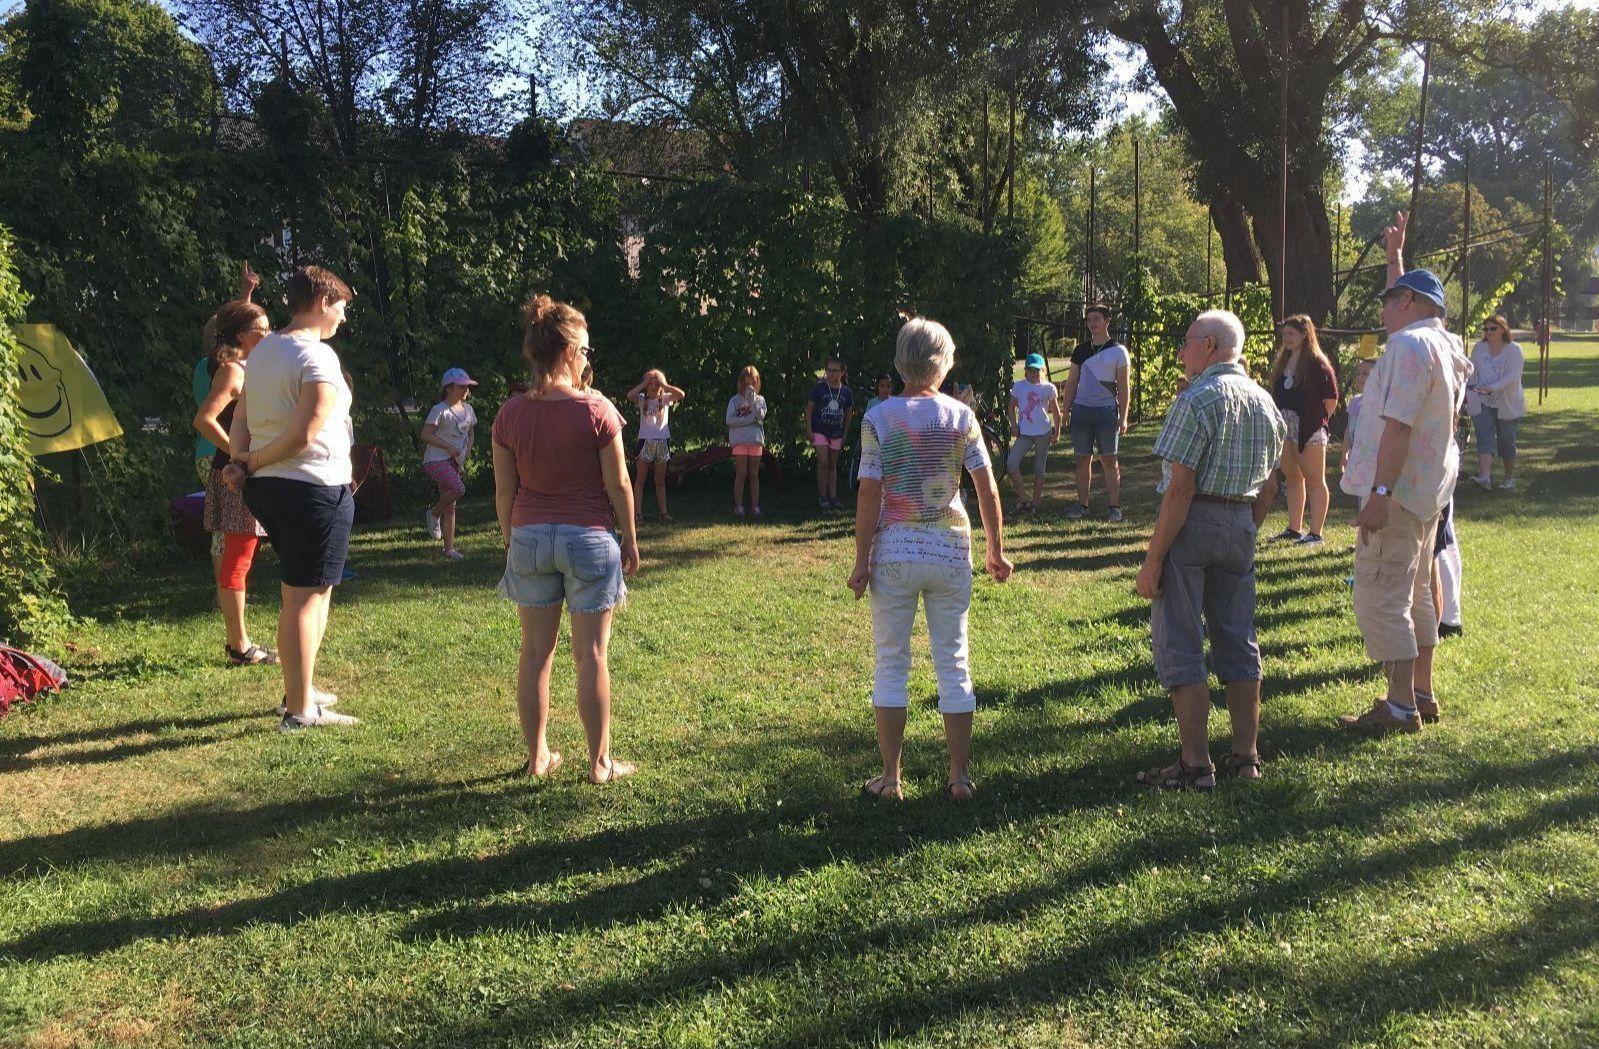 Teilnehmer des Lachyoga stehen im Garten Momo im Kreis